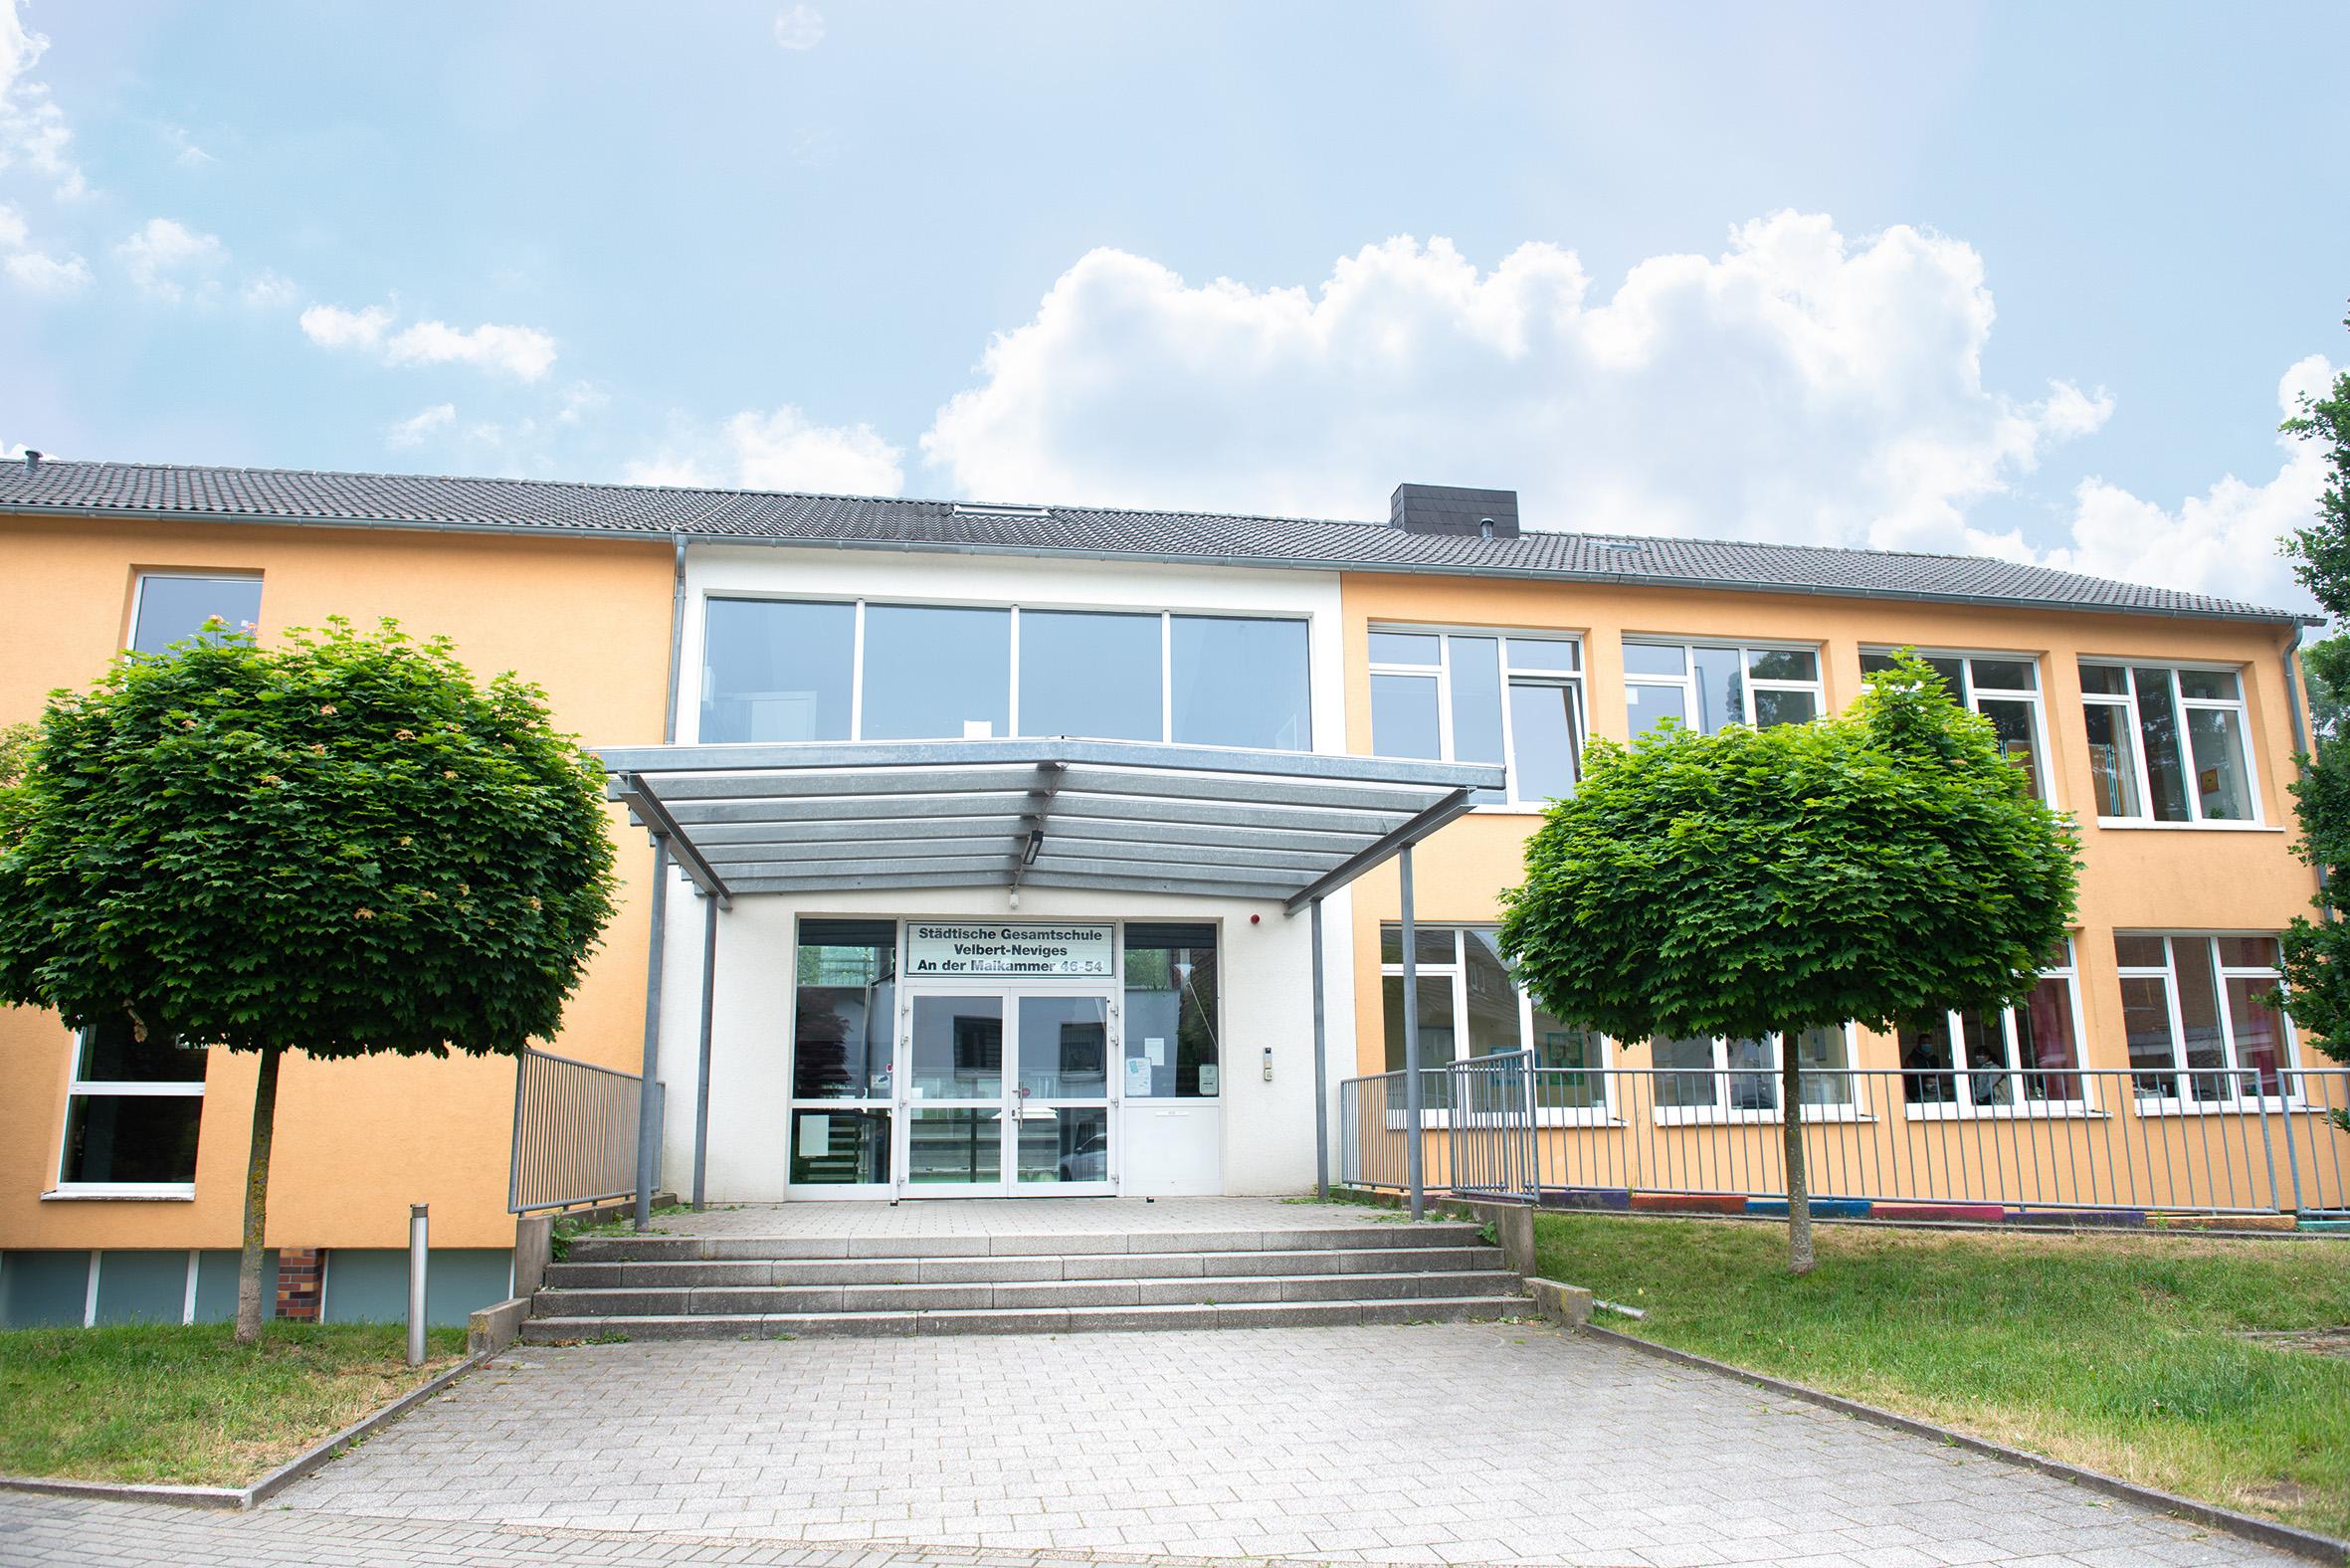 Anmeldungen an der Gesamtschule Velbert-Neviges